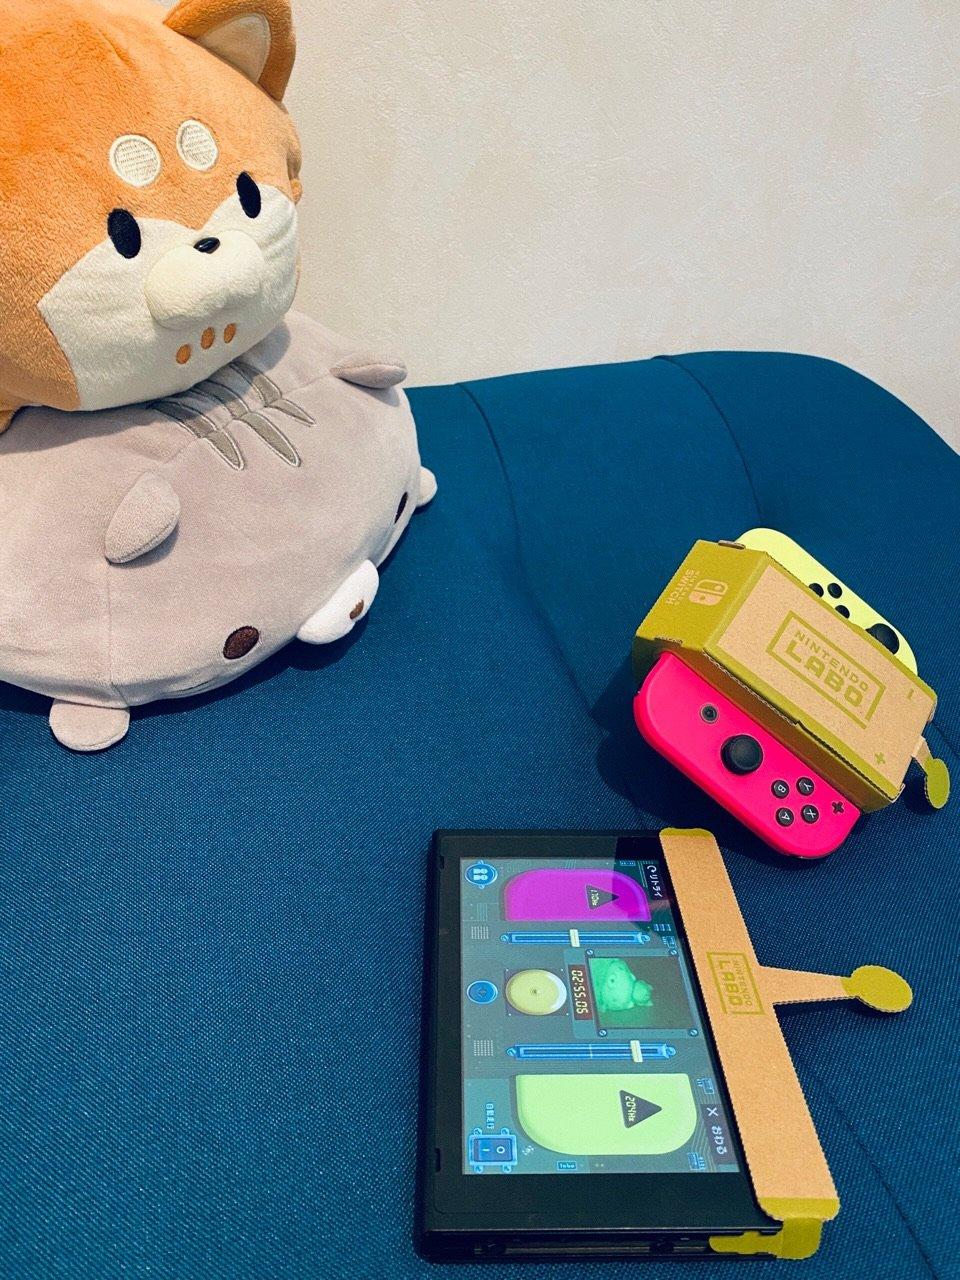 Nintendo Labo でリモコンカー&アンテナ。赤外線に映る猫たち。 https://t.co/jAeVJ0NFl7